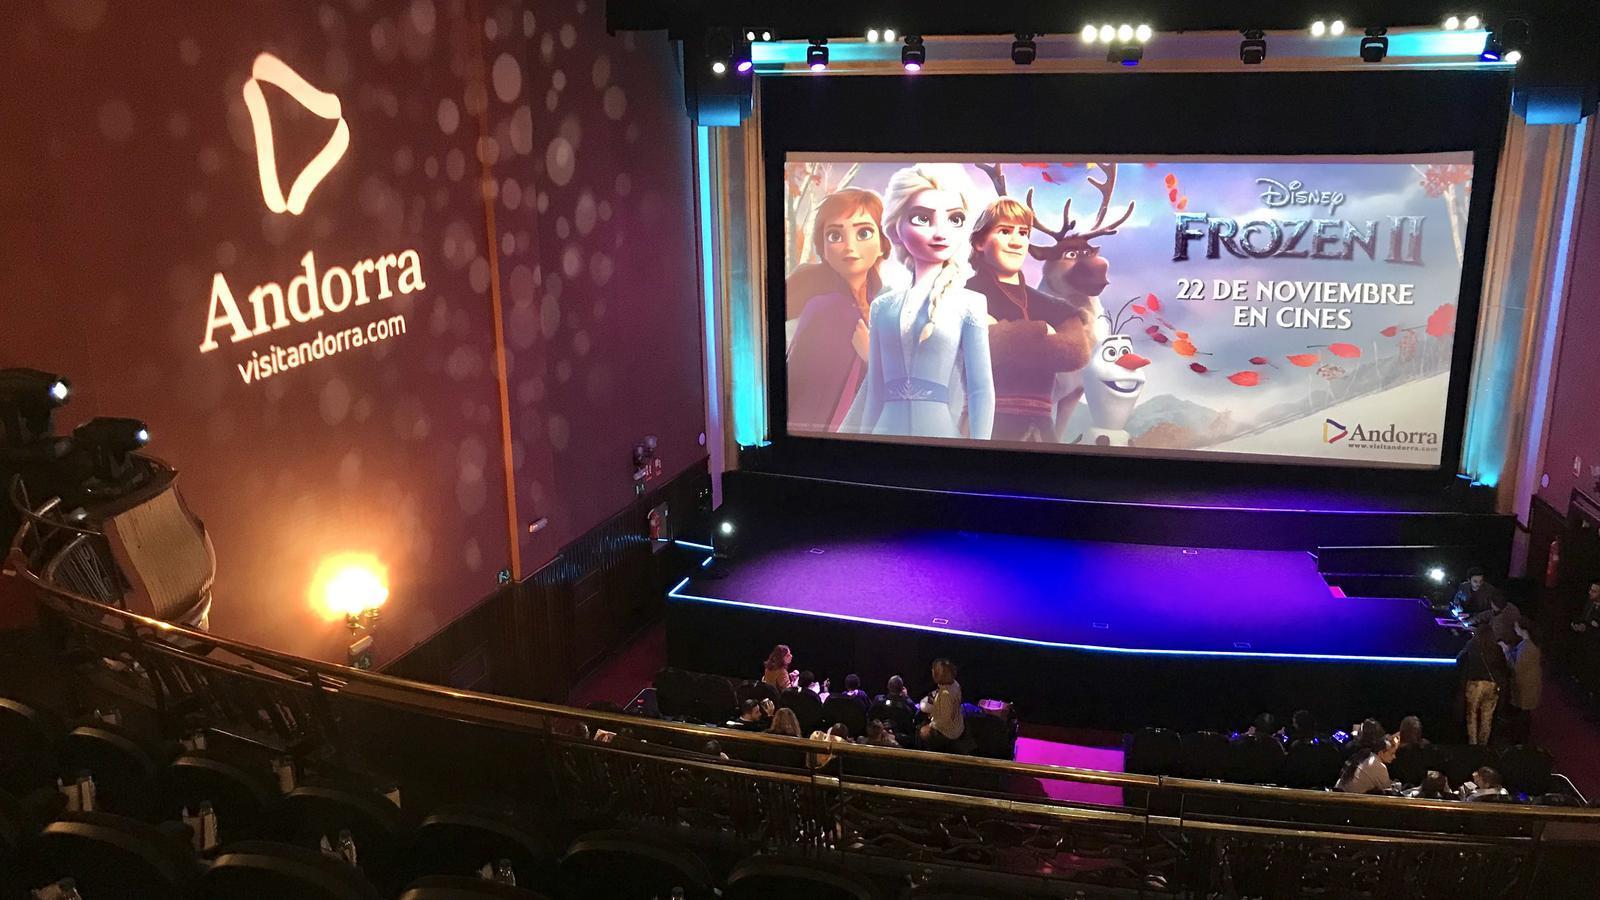 Vista general del cinema on van tenir lloc l'estrena. / ANDORRA TURISME